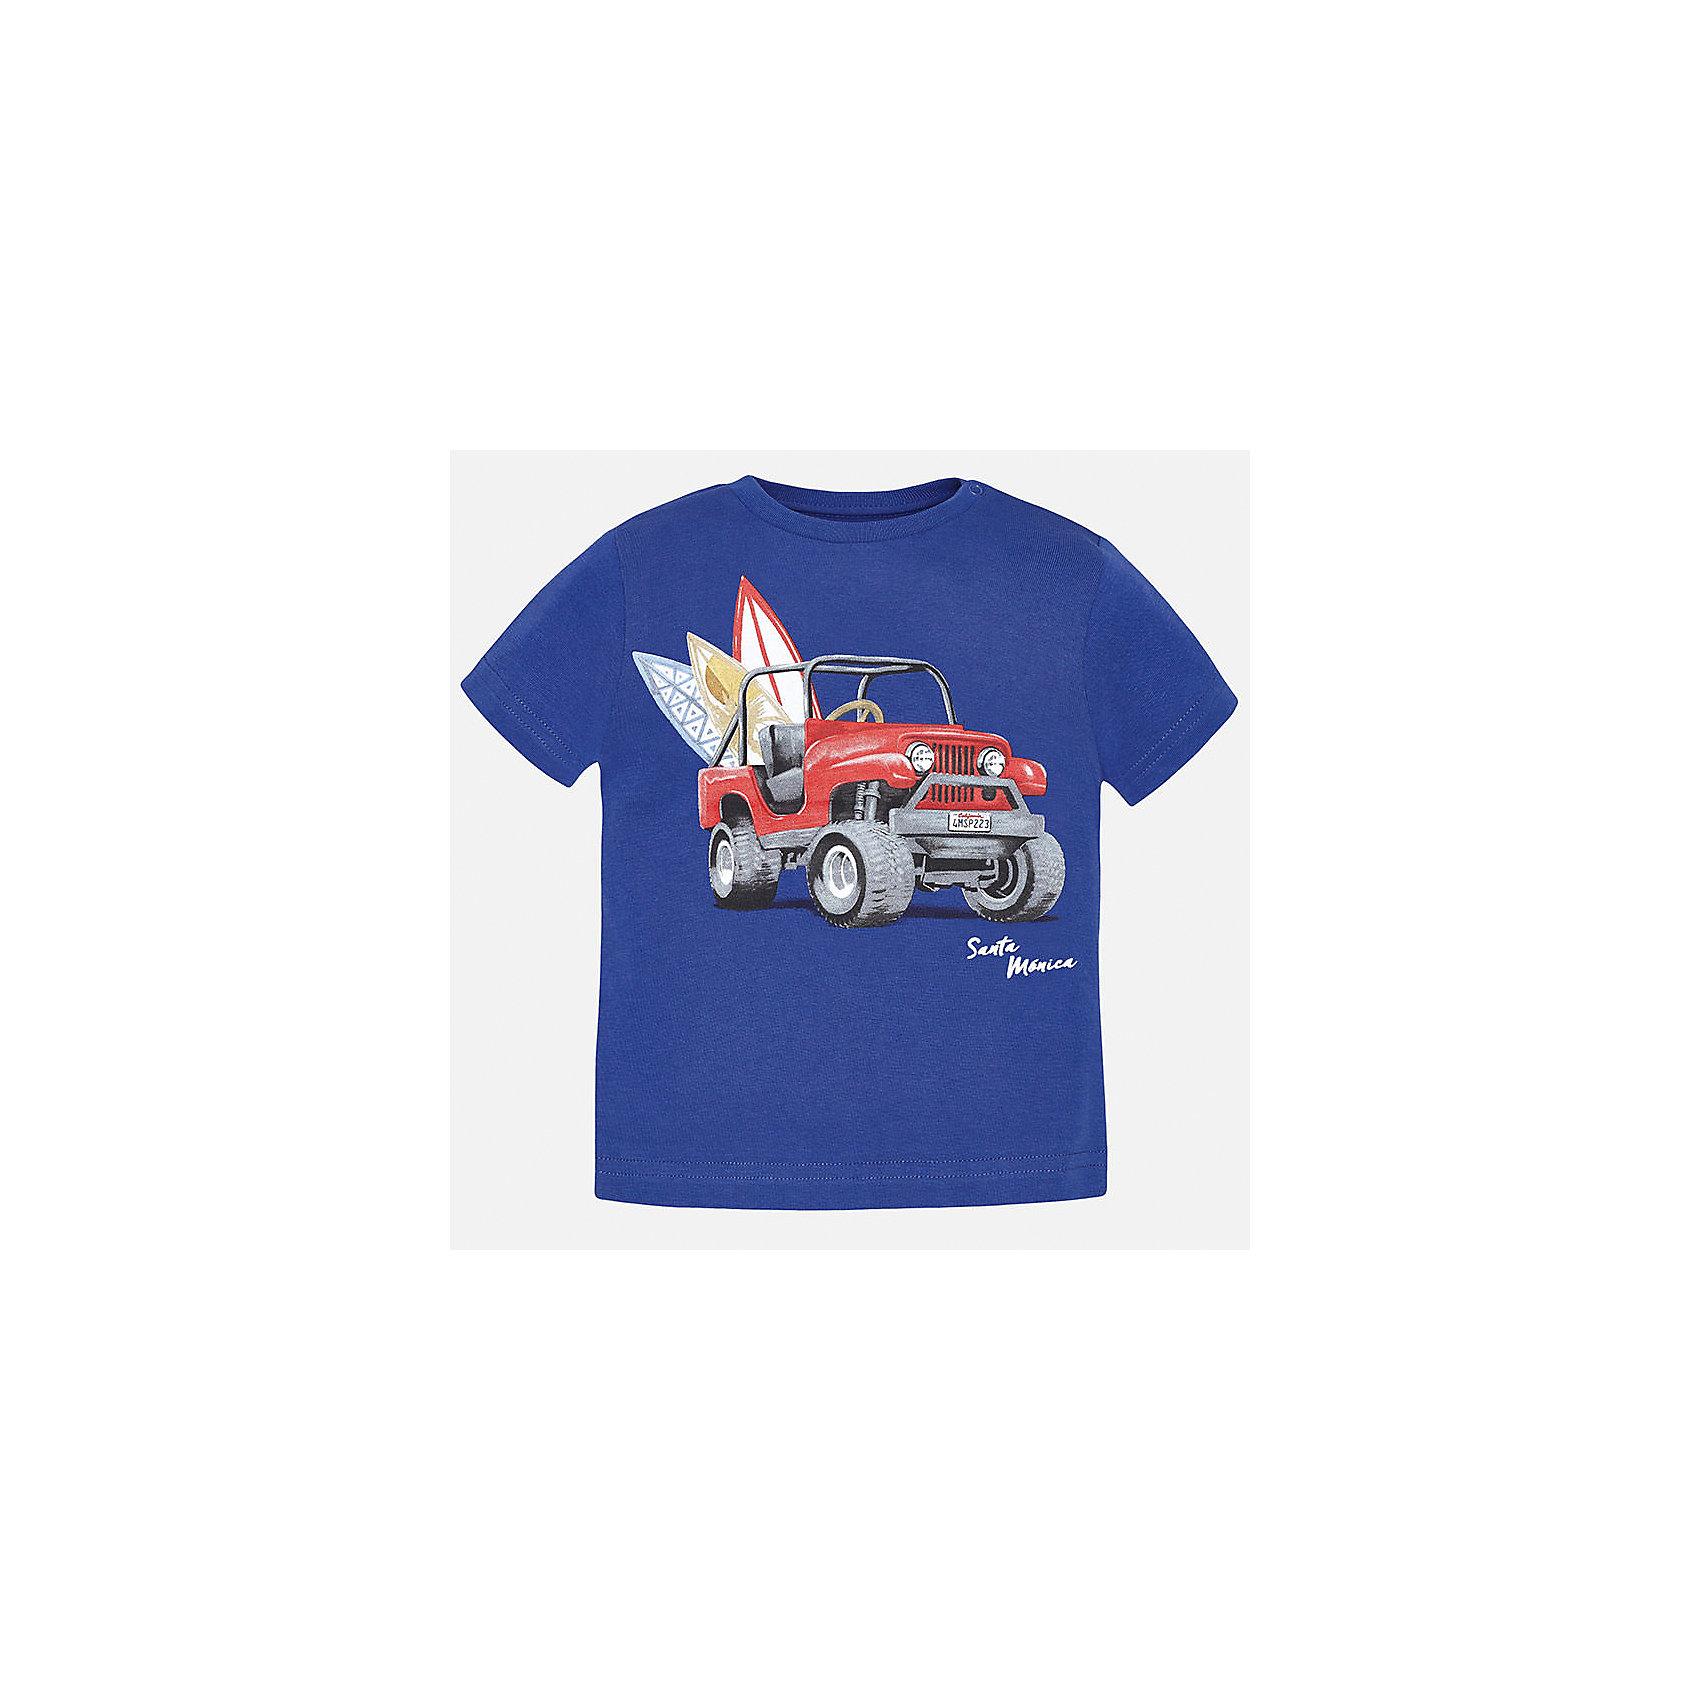 Футболка для мальчика MayoralХарактеристики товара:<br><br>• цвет: синяя<br>• состав: 100% хлопок<br>• круглый горловой вырез<br>• декорирована принтом<br>• короткие рукава<br>• мягкая отделка горловины<br>• страна бренда: Испания<br><br>Красивая хлопковая футболка с принтом поможет разнообразить гардероб мальчика. Она отлично сочетается с брюками, шортами, джинсами. Универсальный крой и цвет позволяет подобрать к вещи низ разных расцветок. Практичное и стильное изделие! Хорошо смотрится и комфортно сидит на детях. В составе материала - только натуральный хлопок, гипоаллергенный, приятный на ощупь, дышащий. <br><br>Одежда, обувь и аксессуары от испанского бренда Mayoral полюбились детям и взрослым по всему миру. Модели этой марки - стильные и удобные. Для их производства используются только безопасные, качественные материалы и фурнитура. Порадуйте ребенка модными и красивыми вещами от Mayoral! <br><br>Футболку для мальчика от испанского бренда Mayoral (Майорал) можно купить в нашем интернет-магазине.<br><br>Ширина мм: 199<br>Глубина мм: 10<br>Высота мм: 161<br>Вес г: 151<br>Цвет: синий<br>Возраст от месяцев: 12<br>Возраст до месяцев: 15<br>Пол: Мужской<br>Возраст: Детский<br>Размер: 80,92,86<br>SKU: 5278485